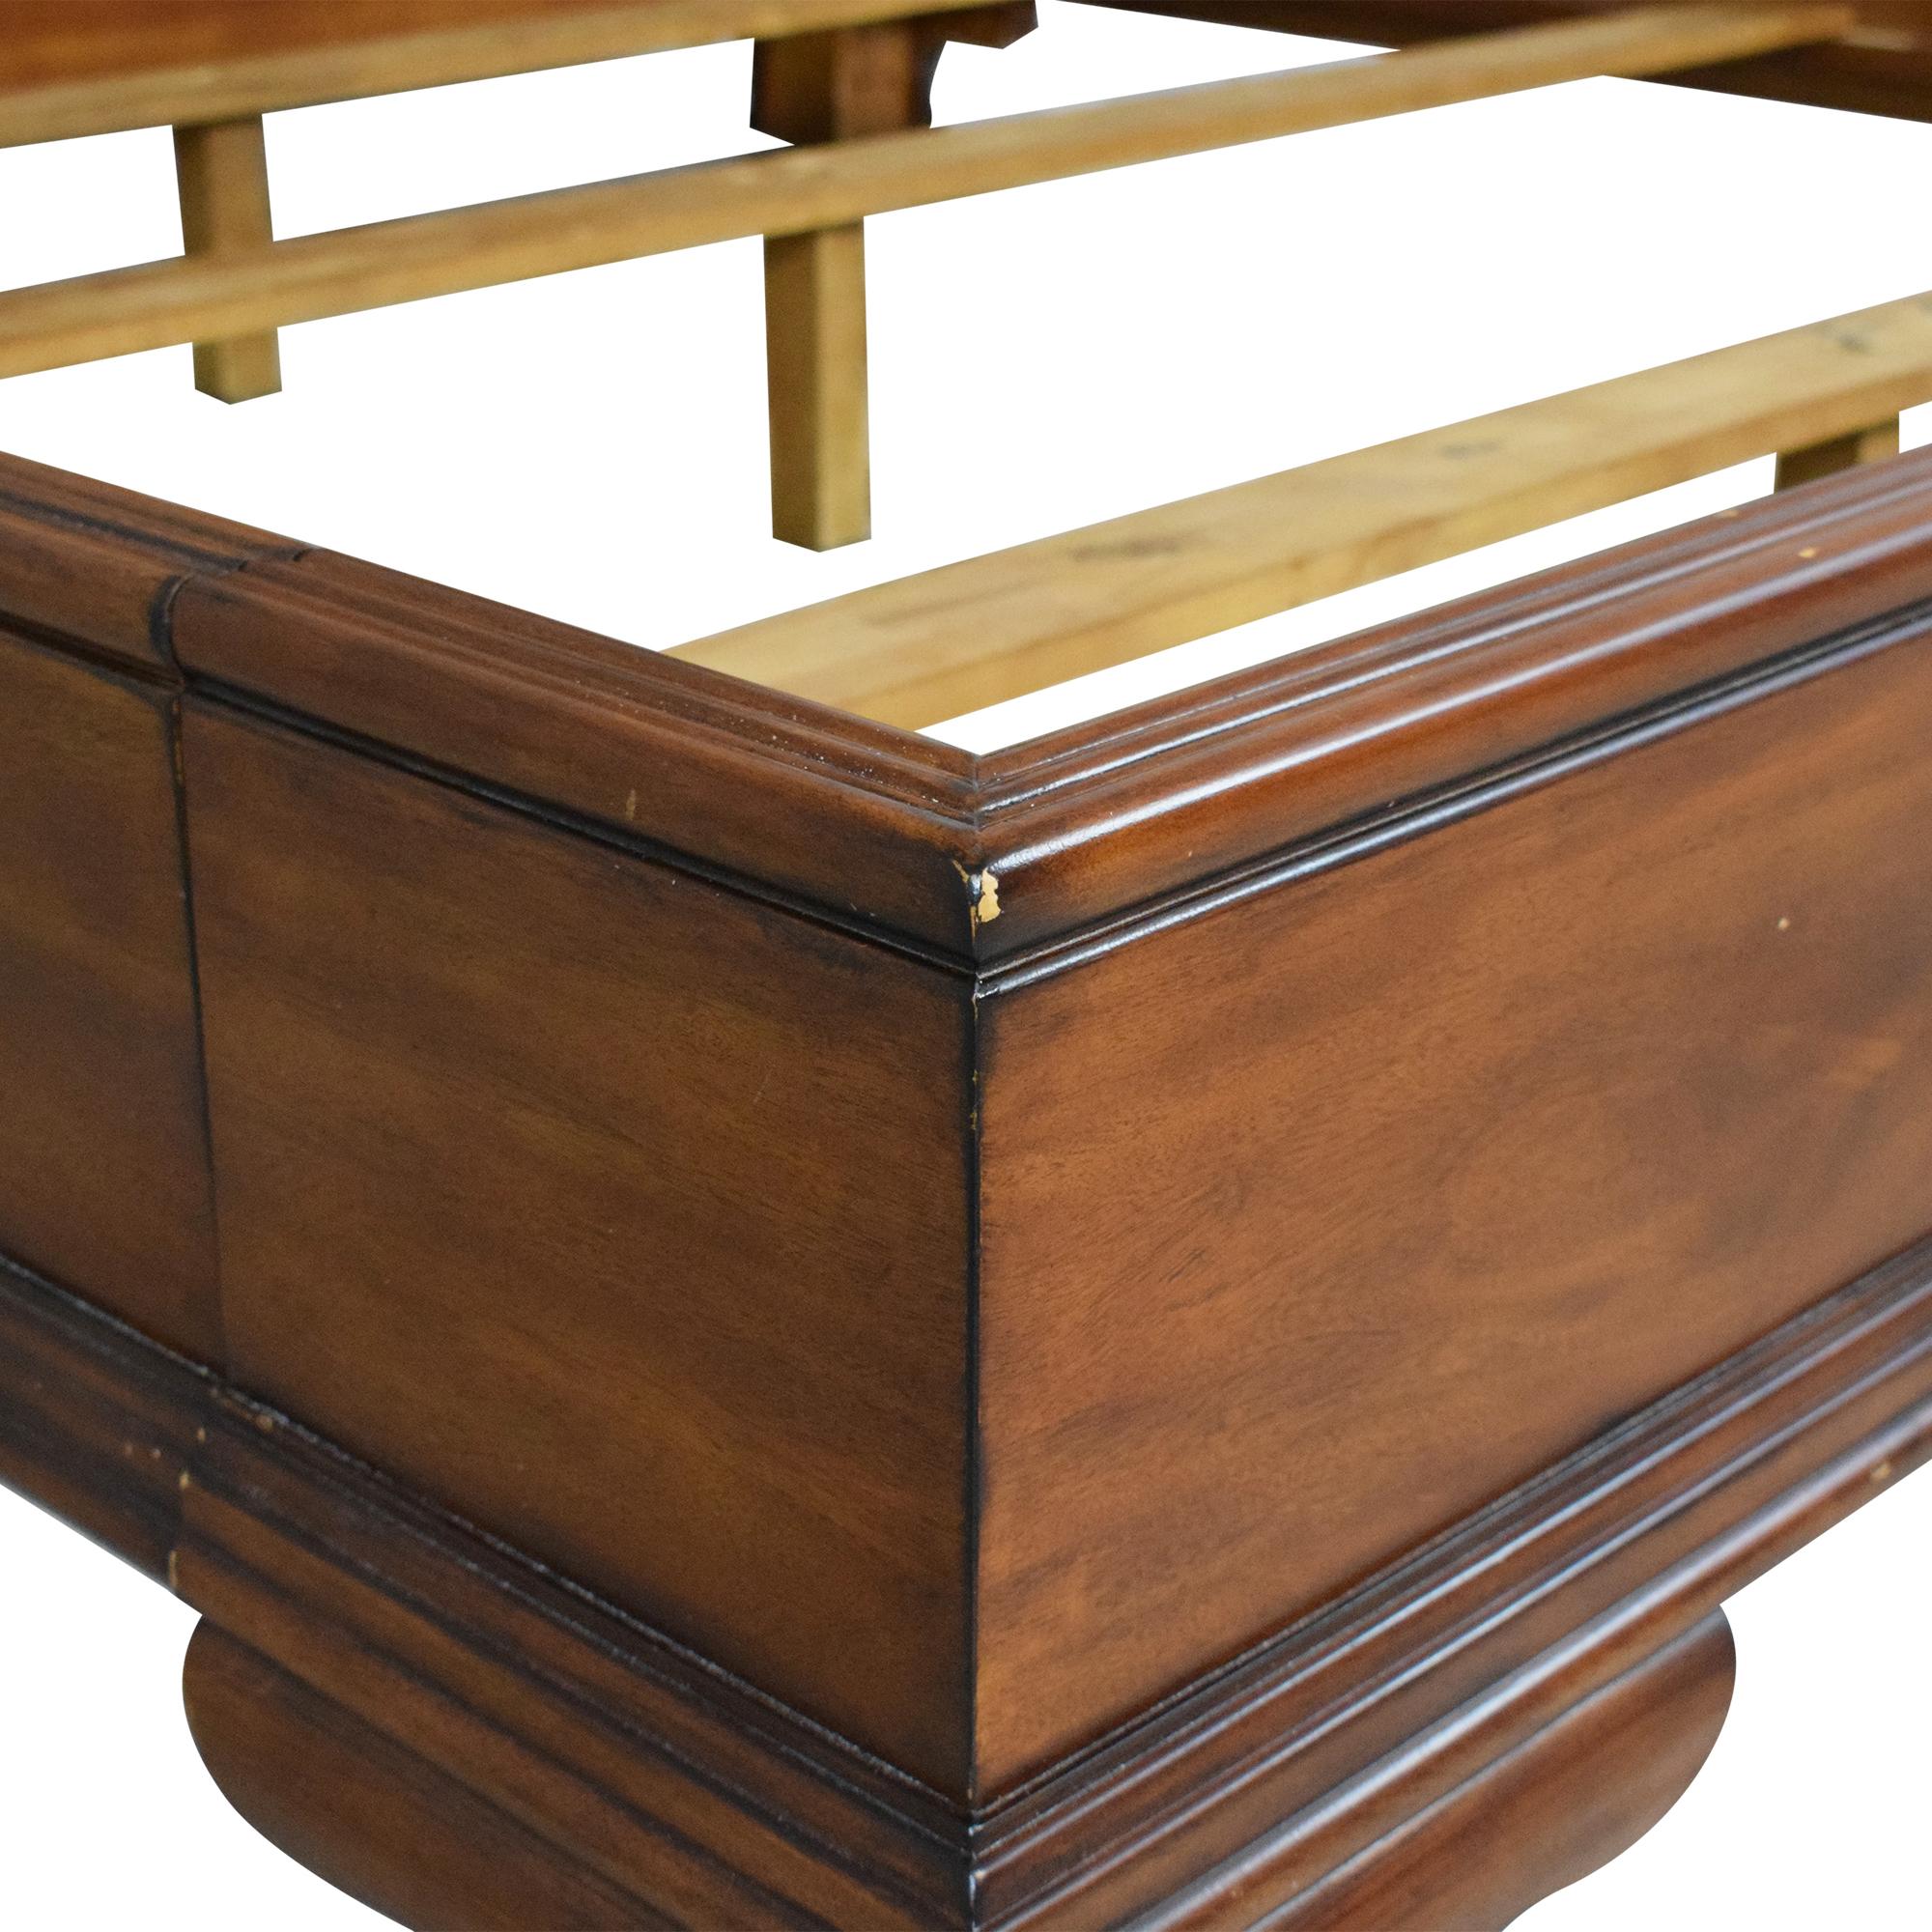 Drexel Heritage Drexel Heritage King Sleigh Bed dimensions